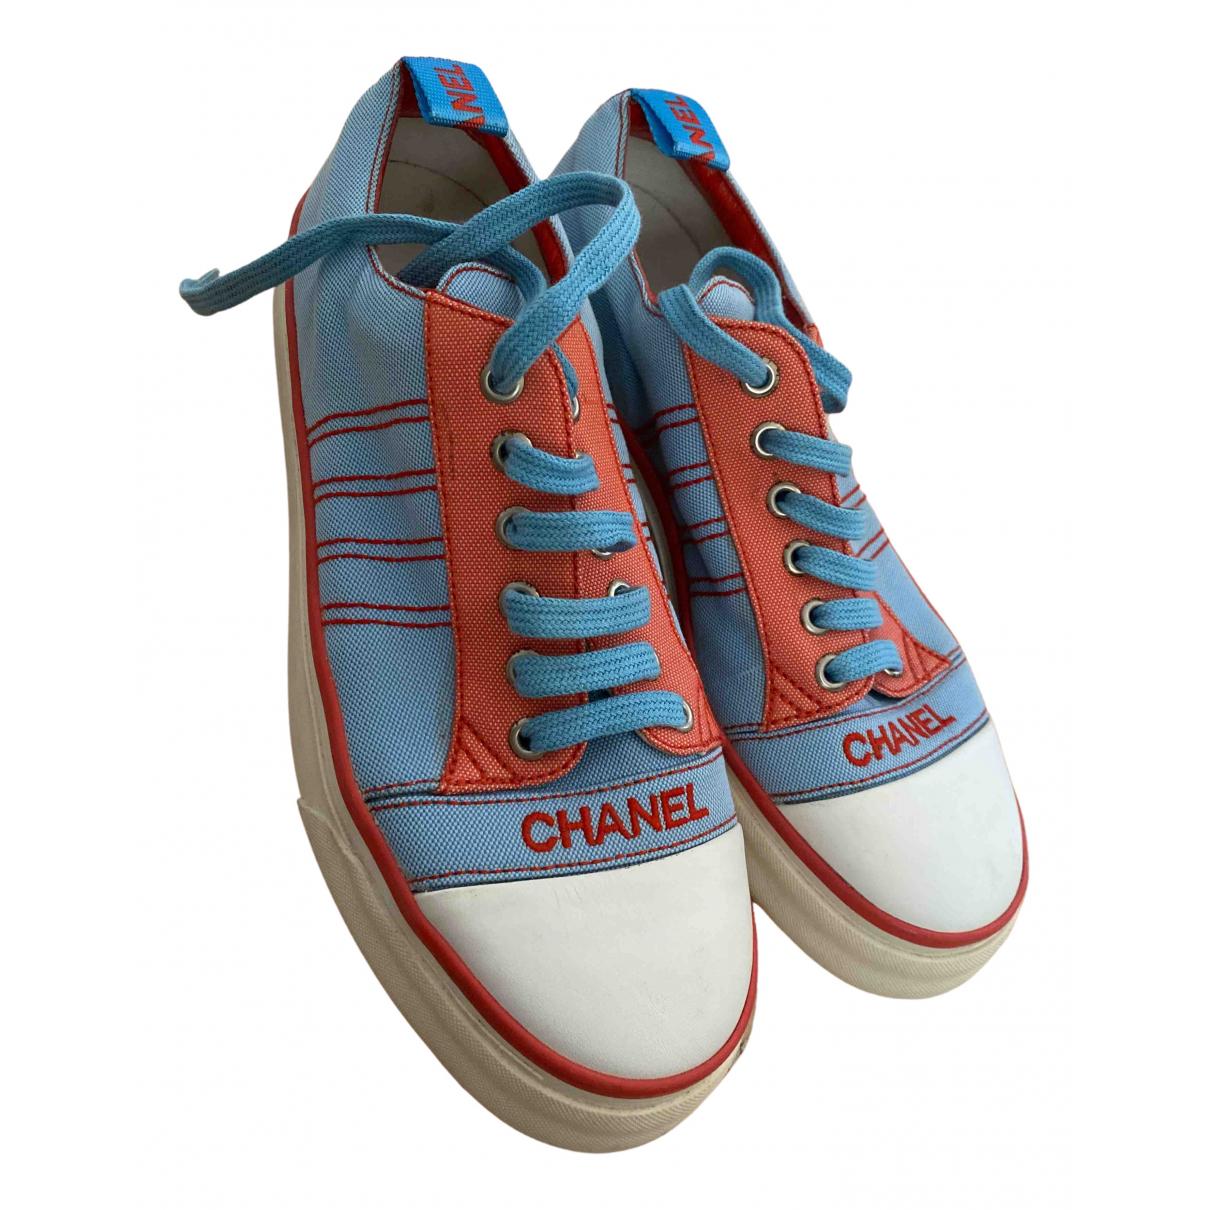 Deportivas de Lona Chanel